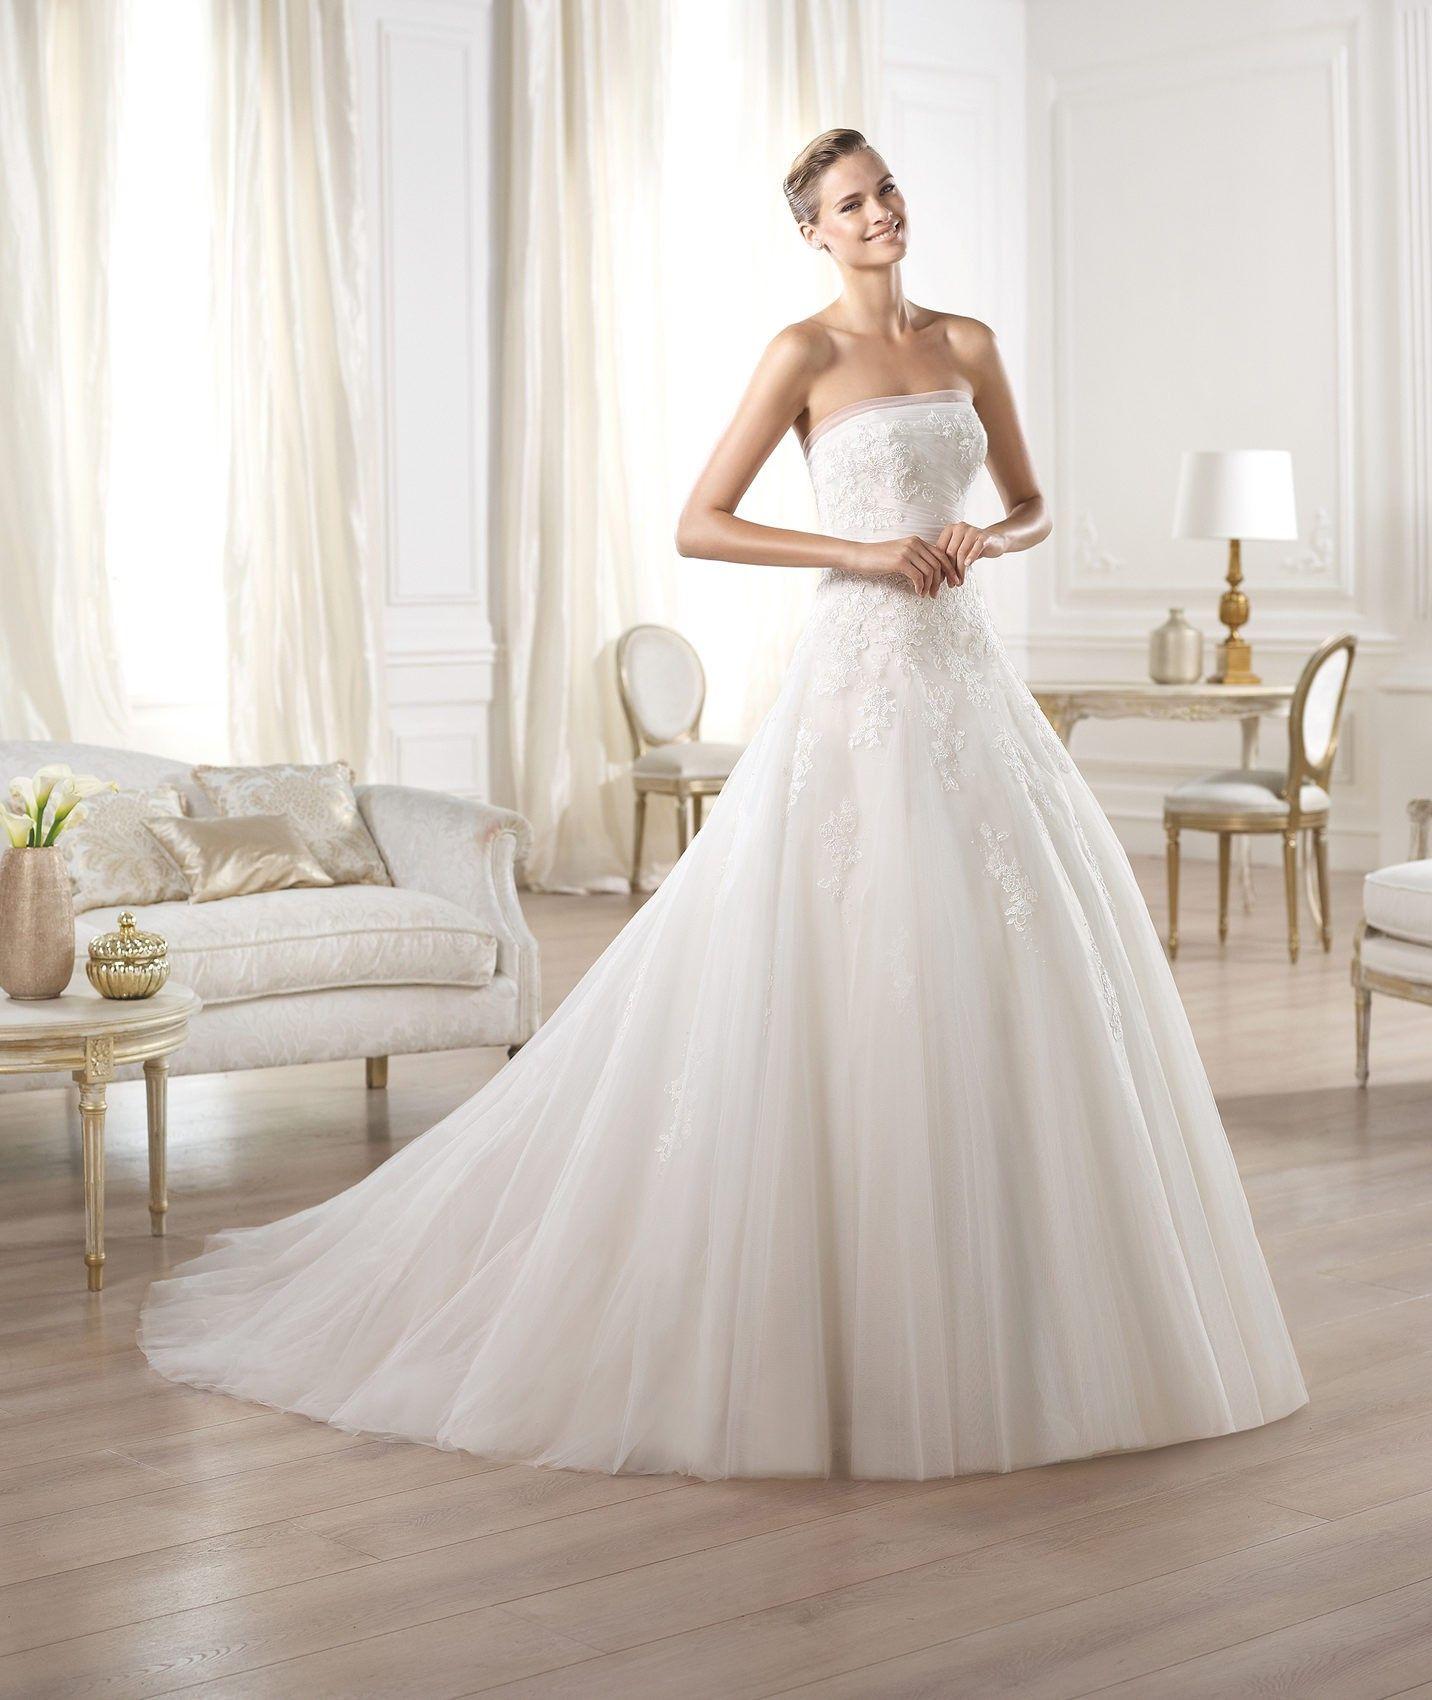 Pronovias OCOTAL $329 99 Pronovias wedding dresses